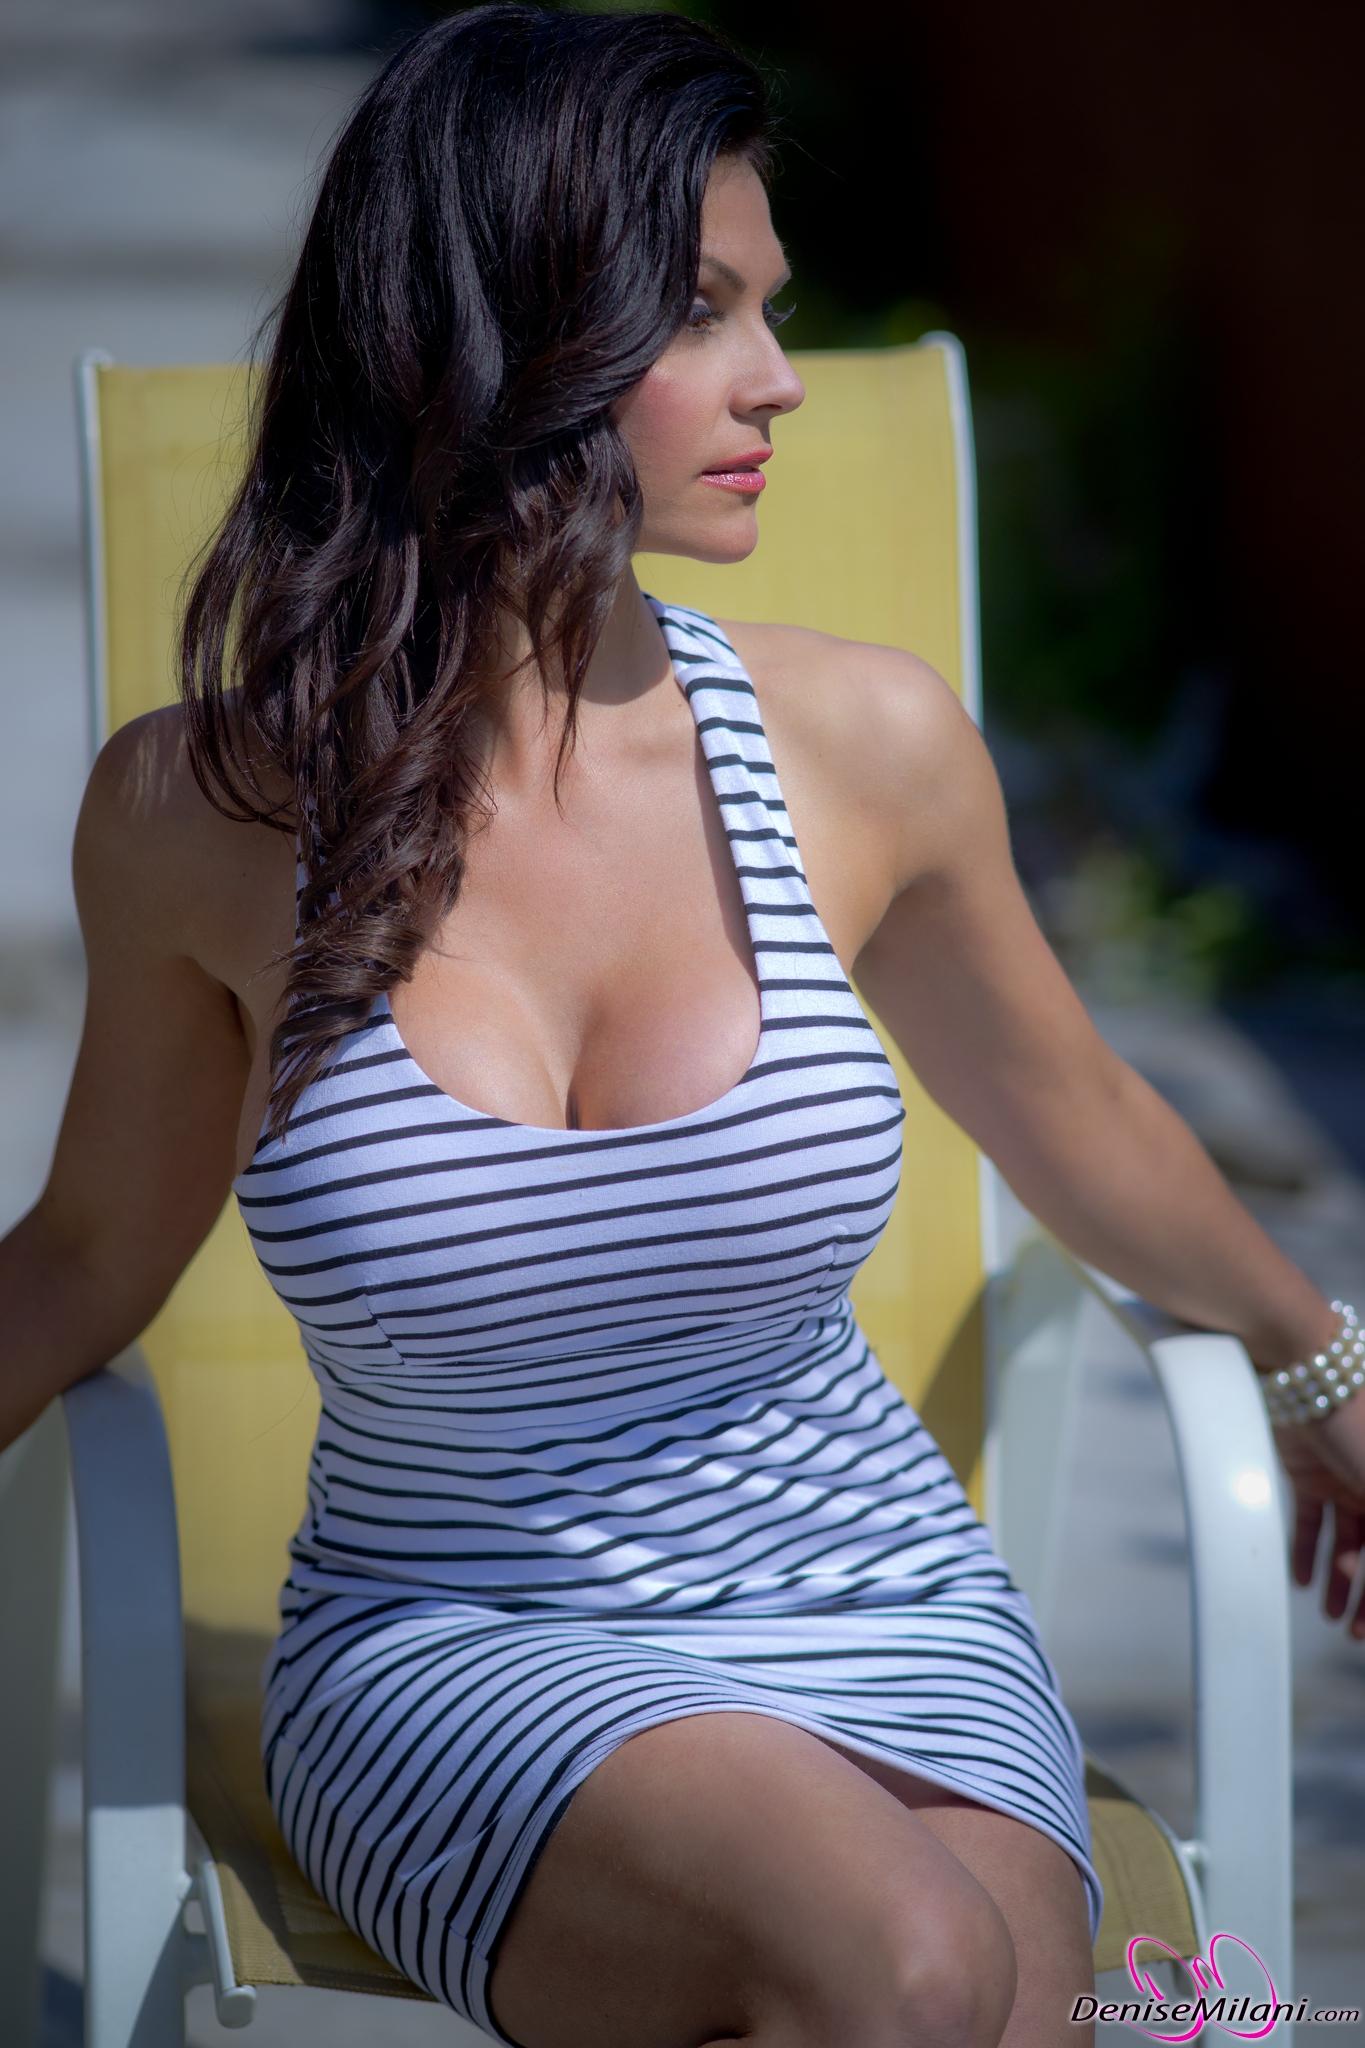 denise milani stripped dress denise milani 2014 03 04 16 36Denise Milani Yoga Pants